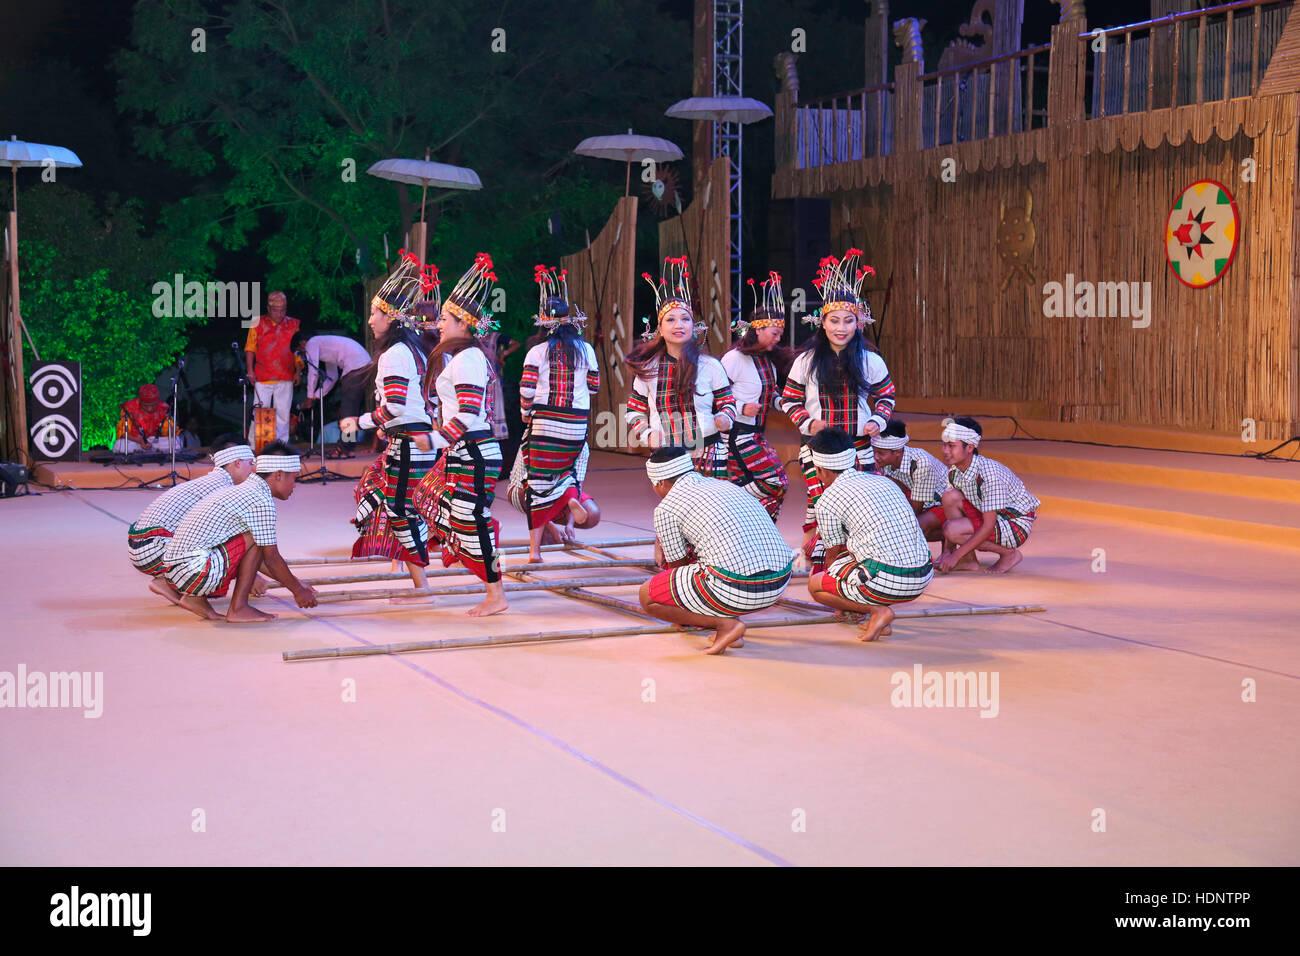 Mizoram Tribal TänzerInnen traditionelle Cheraw Tanz (Bambus-Tanz). Farbenfrohe und unverwechselbare Tanz der Stockbild